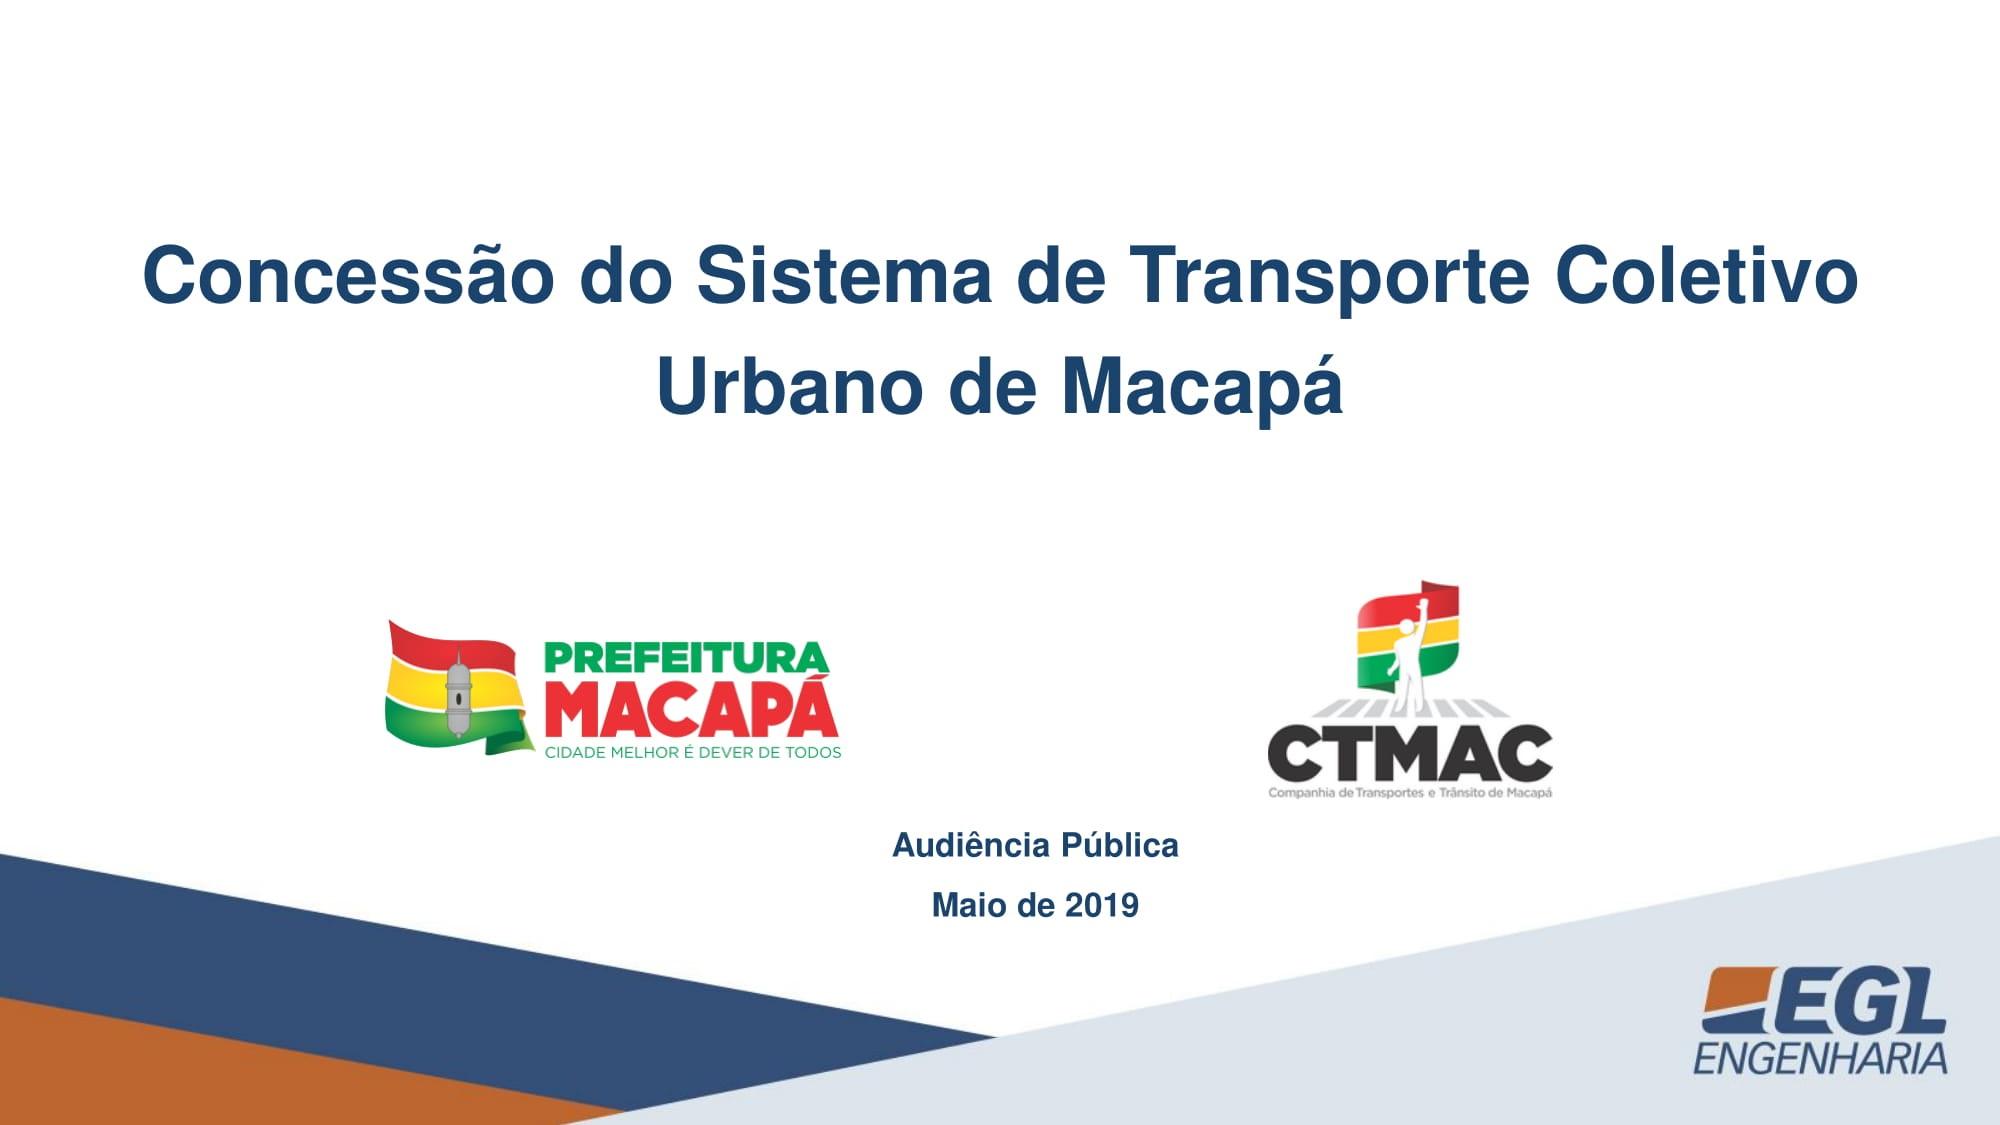 concessao_macapa-01